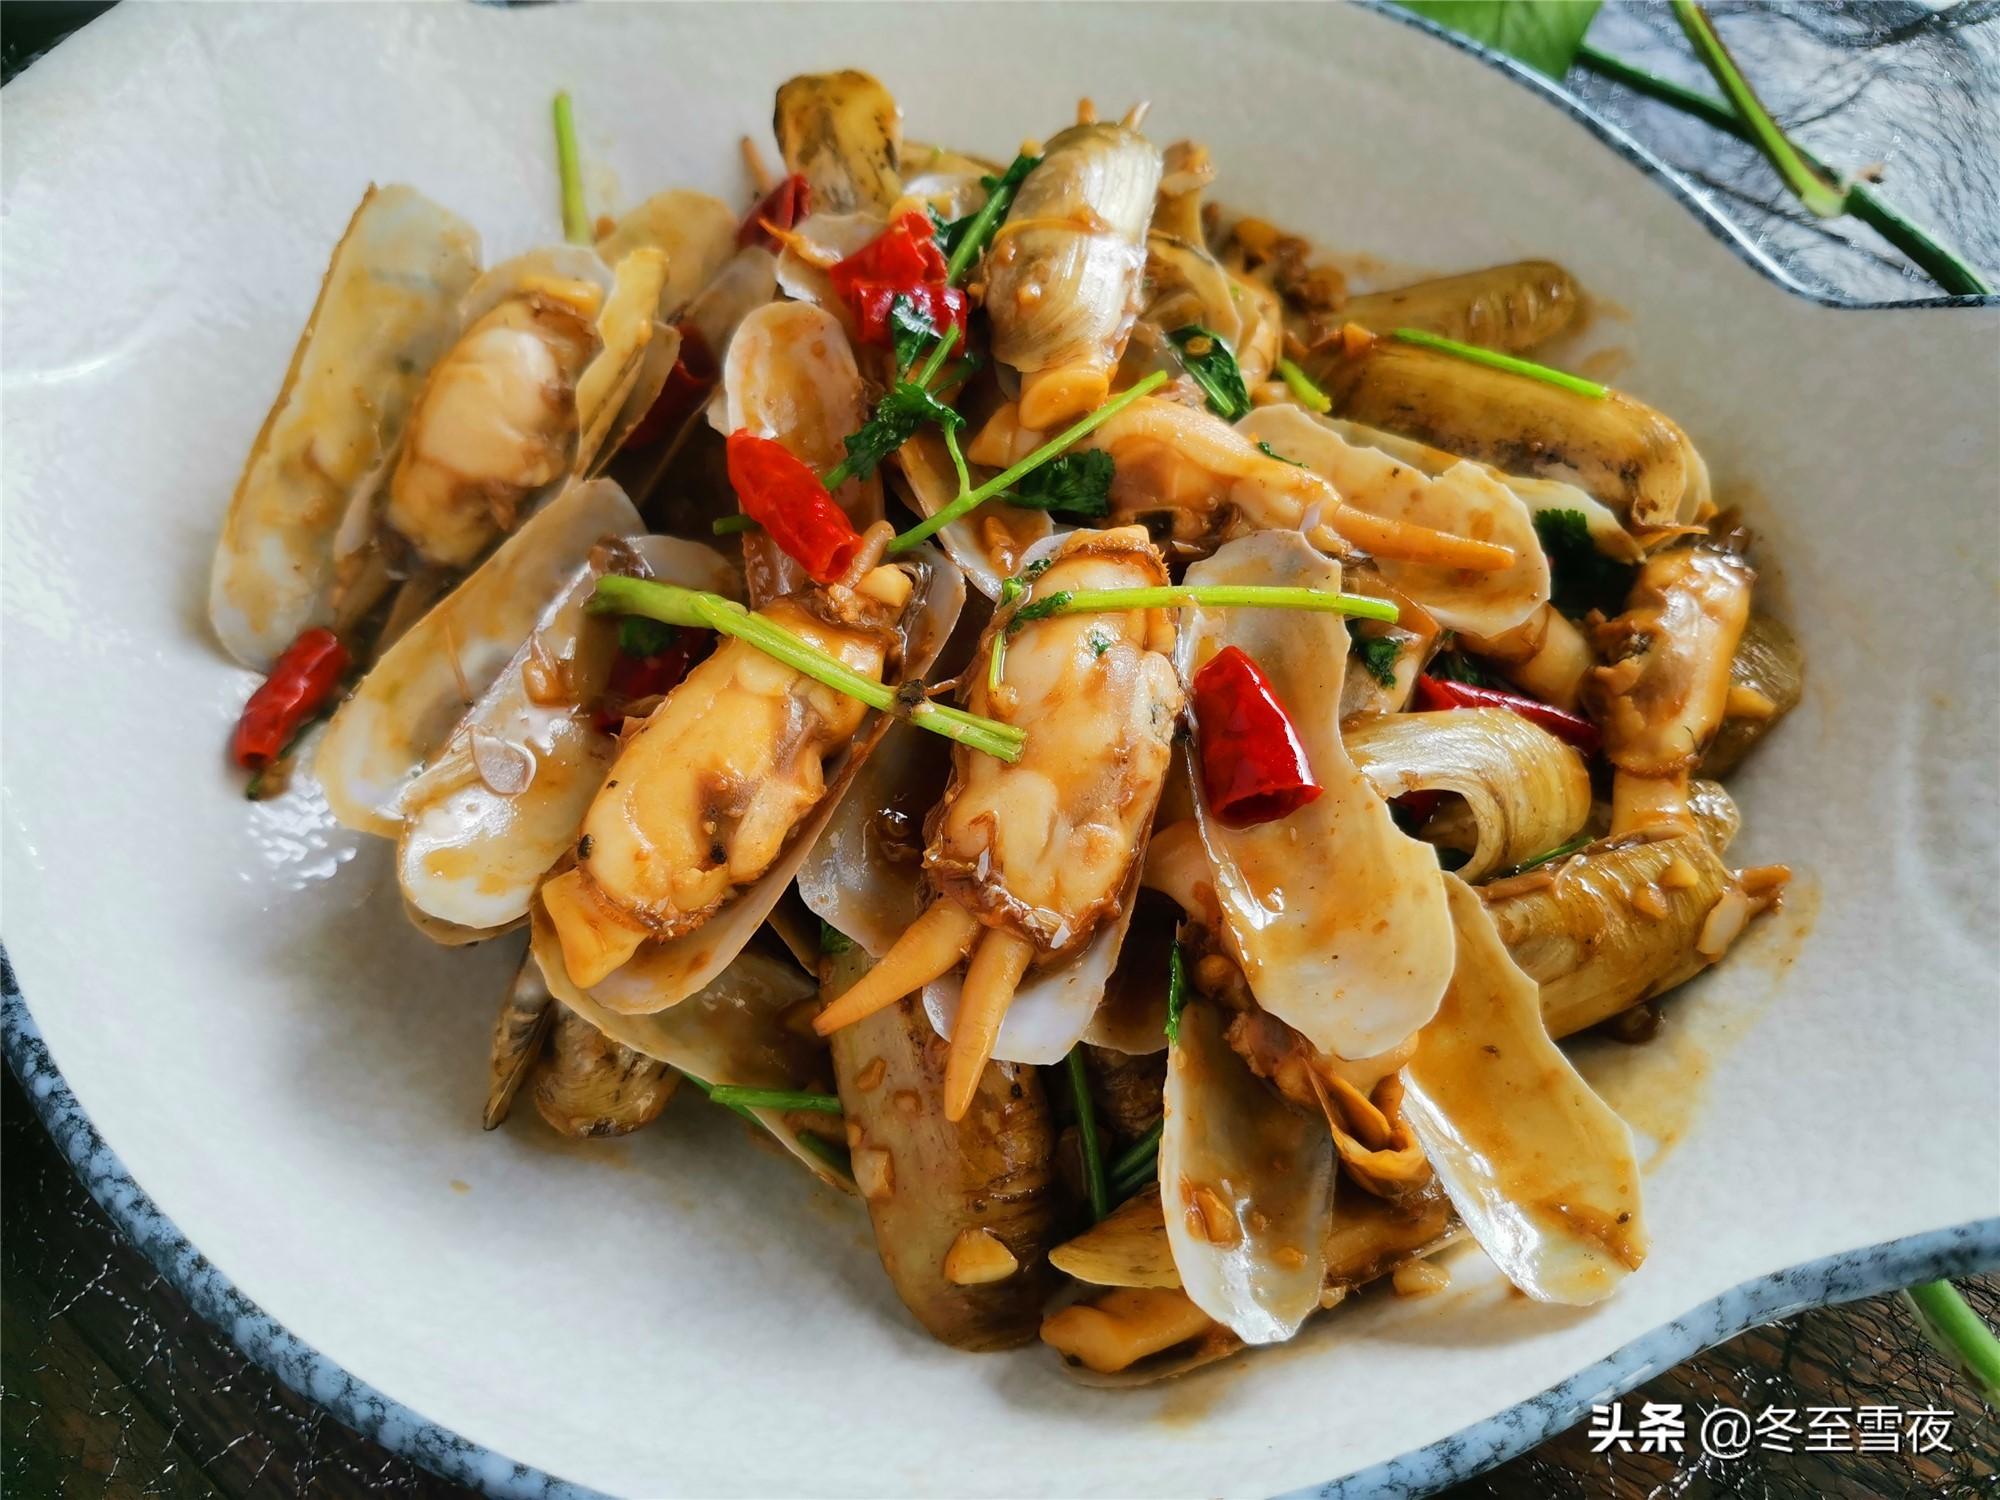 2021年夜饭菜单,东北传统风味的16个菜,都是下酒下饭硬菜 东北菜谱 第13张